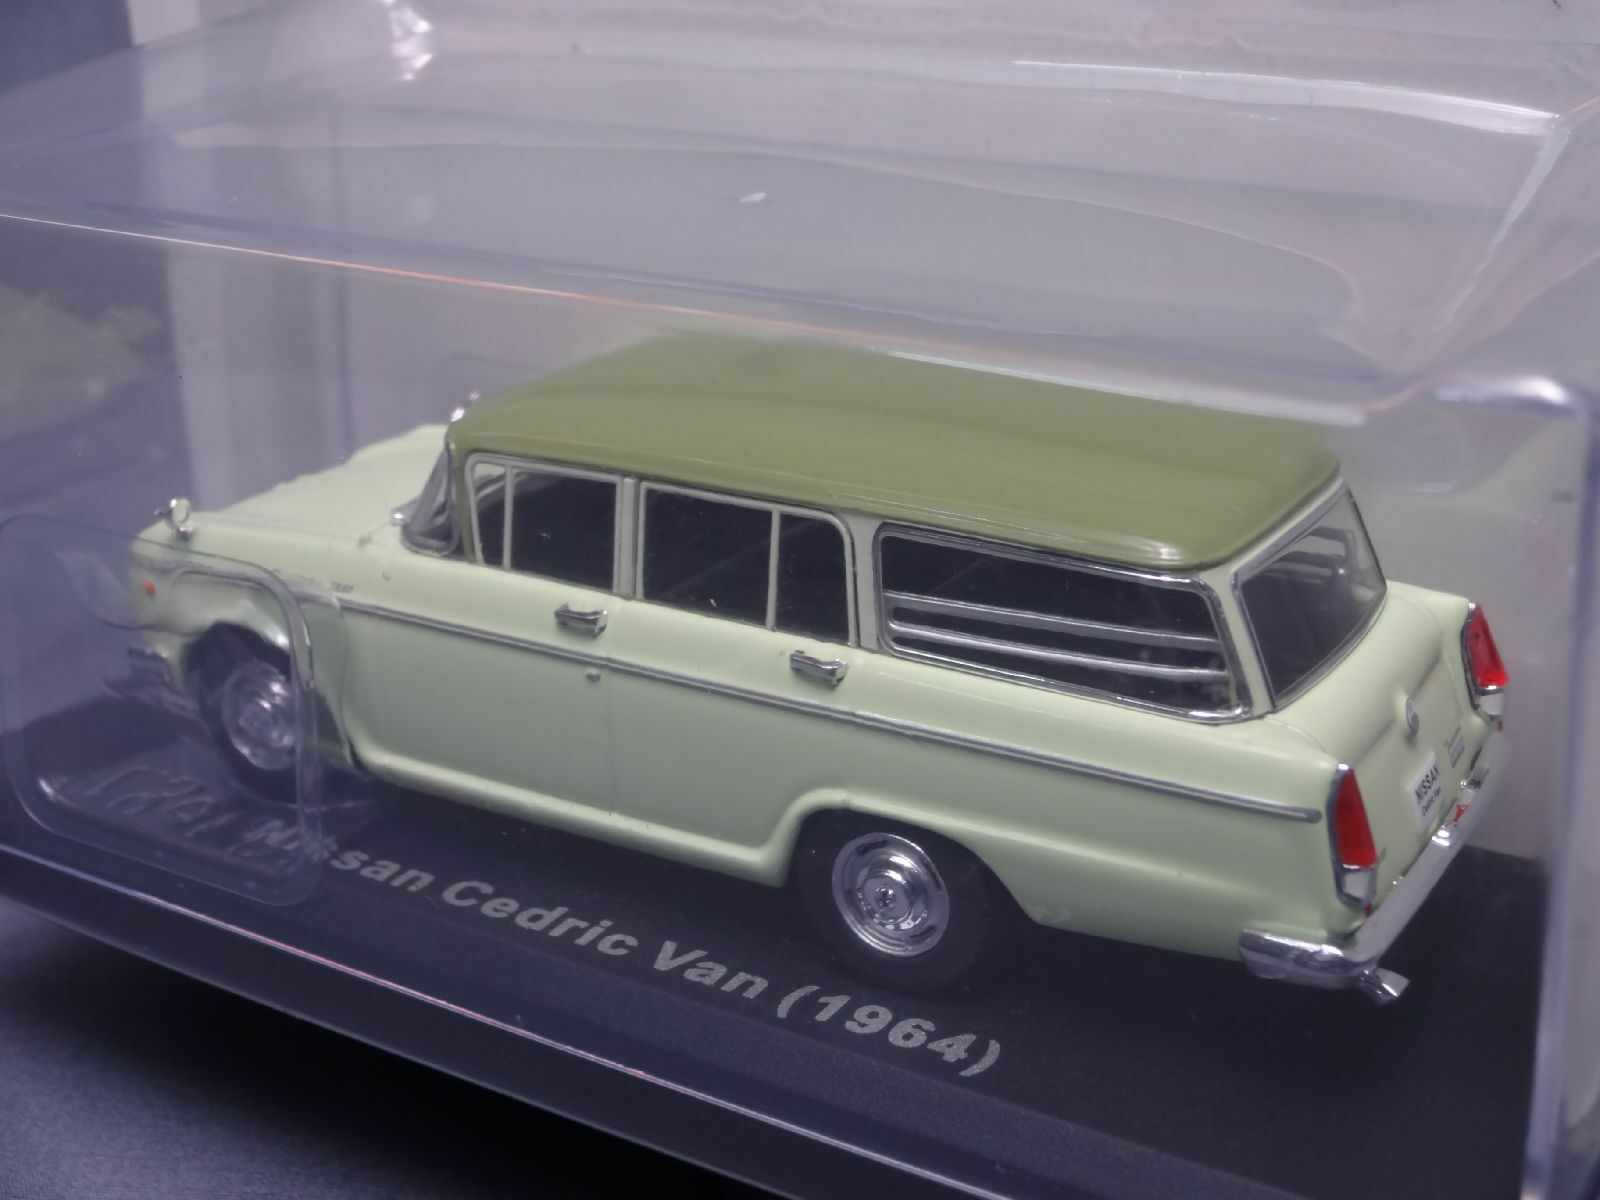 Ixo Nissan Cedric Van 1964 1 43 Scale Box Mini Mini Mini Car Display Diecast Vol 87 1413c2